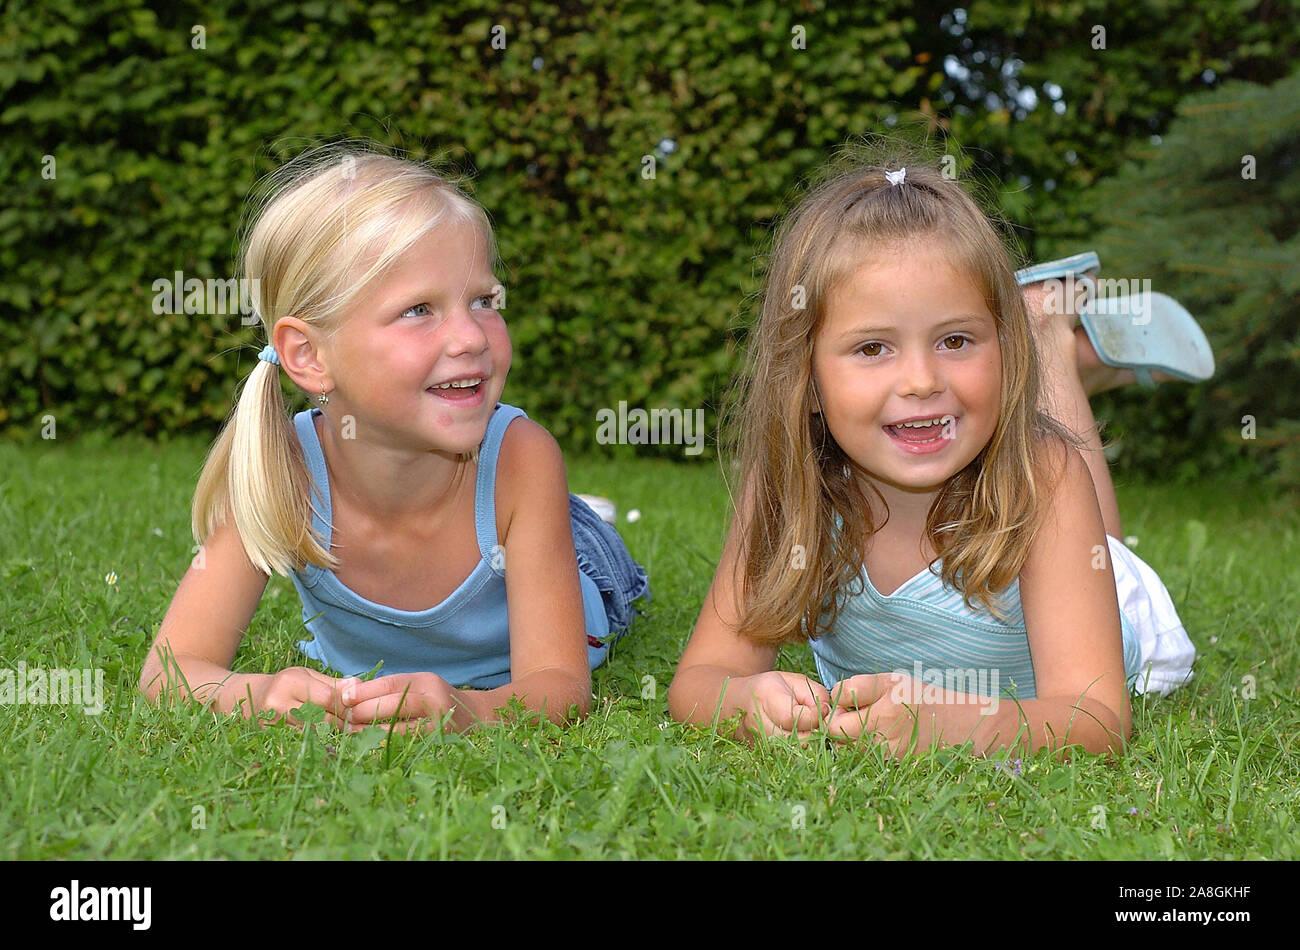 Zwei lachende Kinder liegen im Park auf einer Wiese, Mädchen, 6 Jahre, señor: Sí Foto de stock